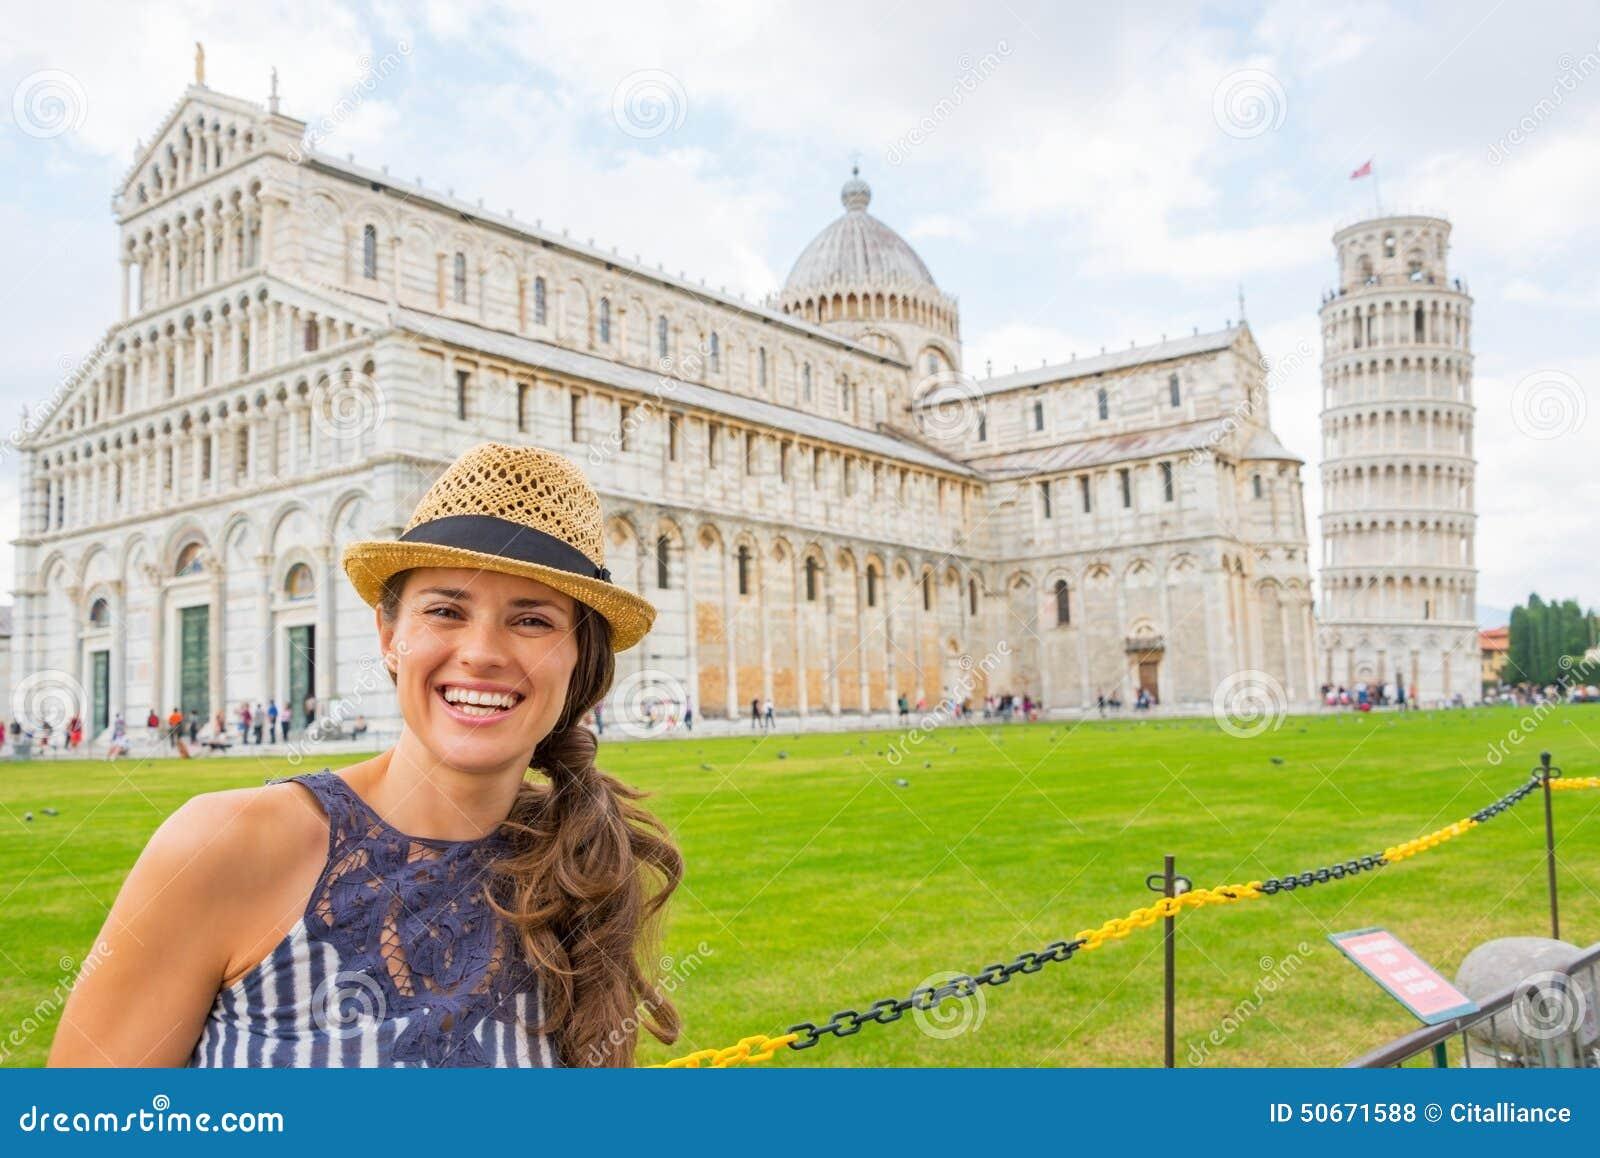 广场dei miracoli的,比萨,托斯卡纳,意大利妇女